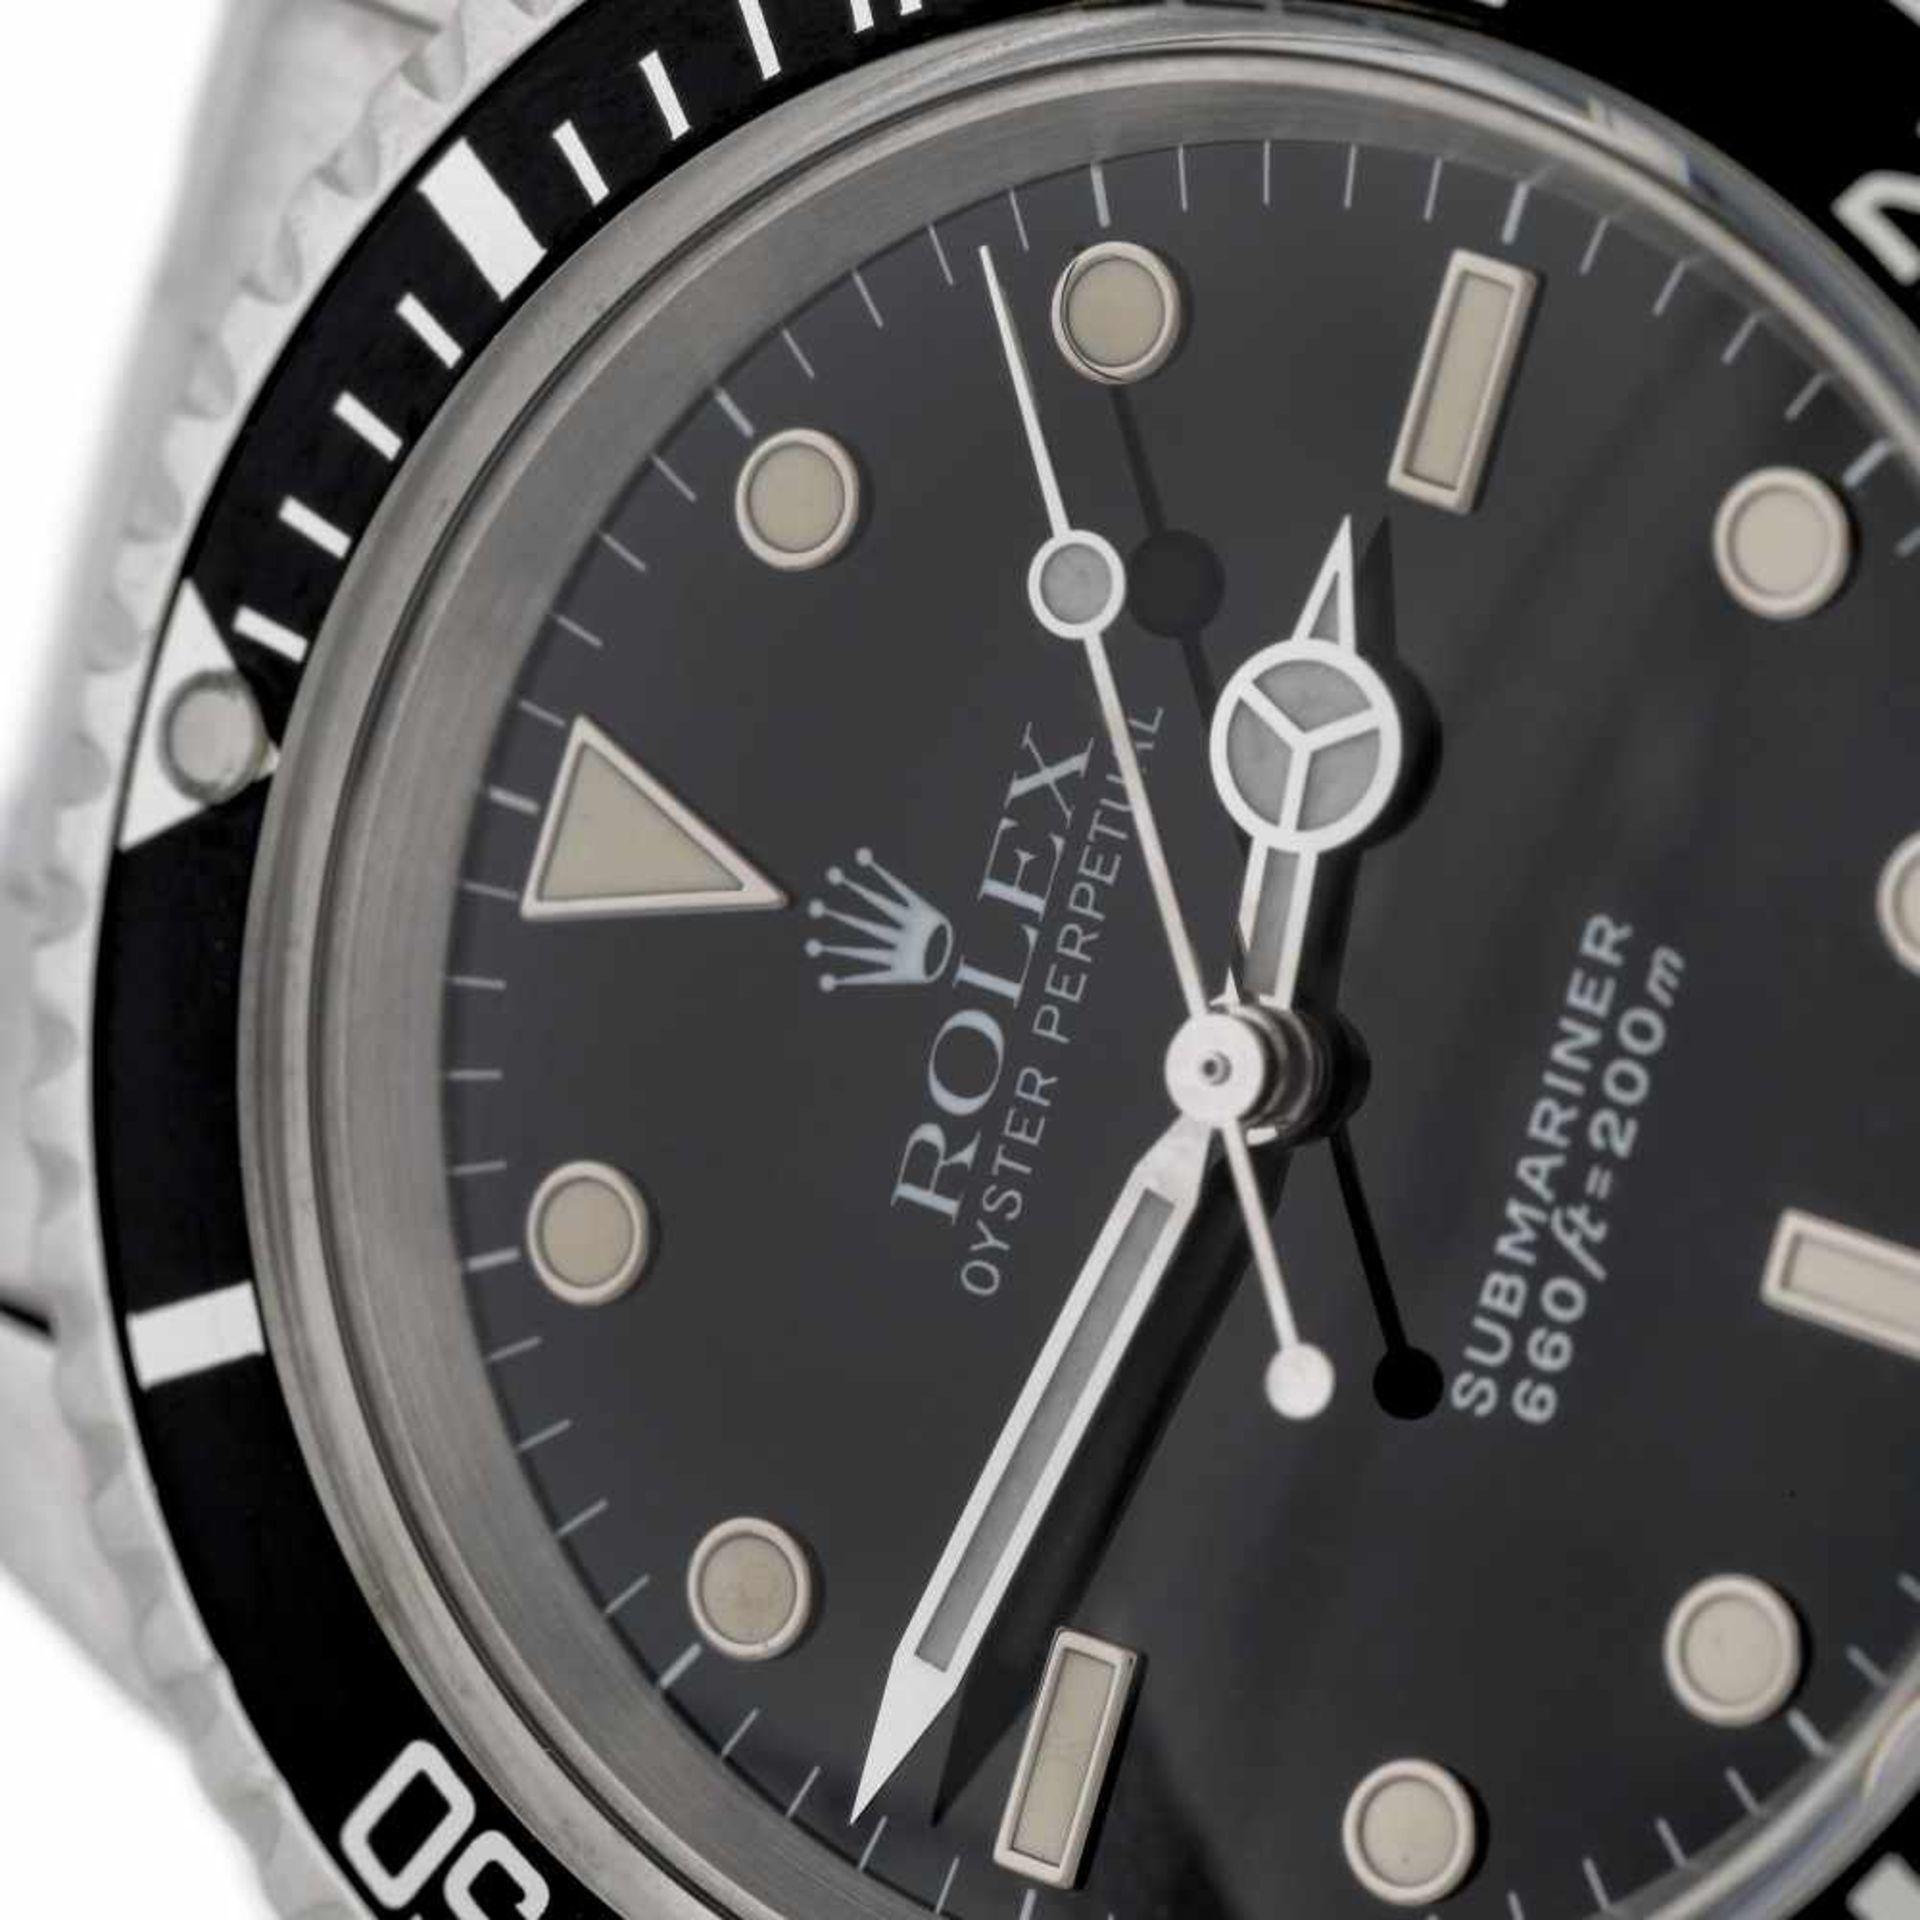 Rolex Submariner vintage wristwatch, men - Bild 3 aus 3